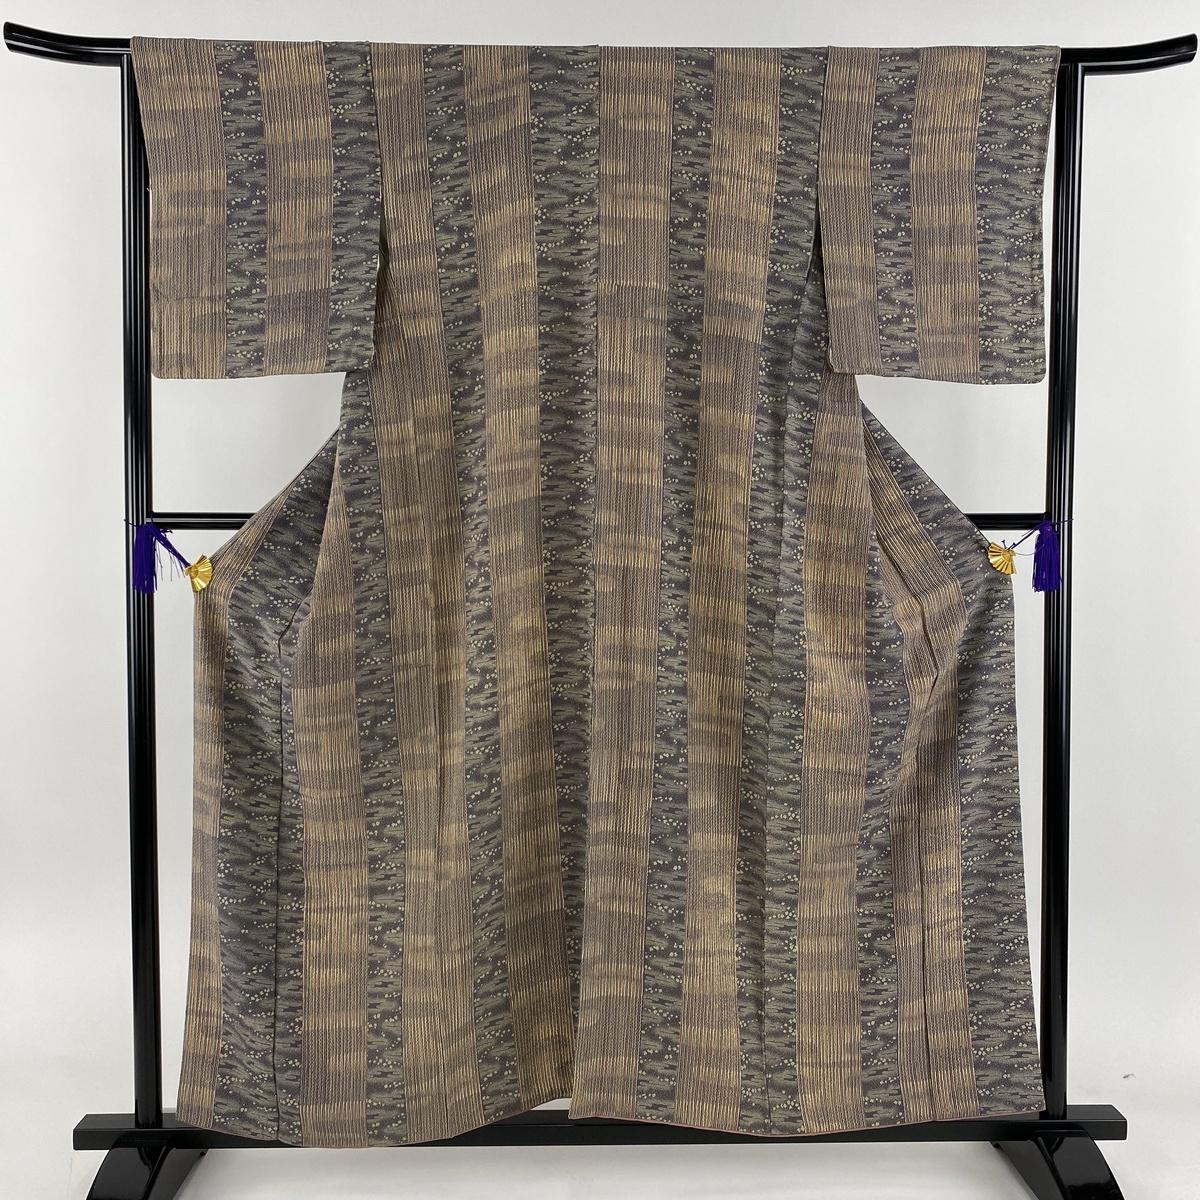 小紋 美品 秀品 縦縞 幾何学 縮緬 灰紫 袷 身丈157.5cm 裄丈64.5cm M 正絹 【中古】